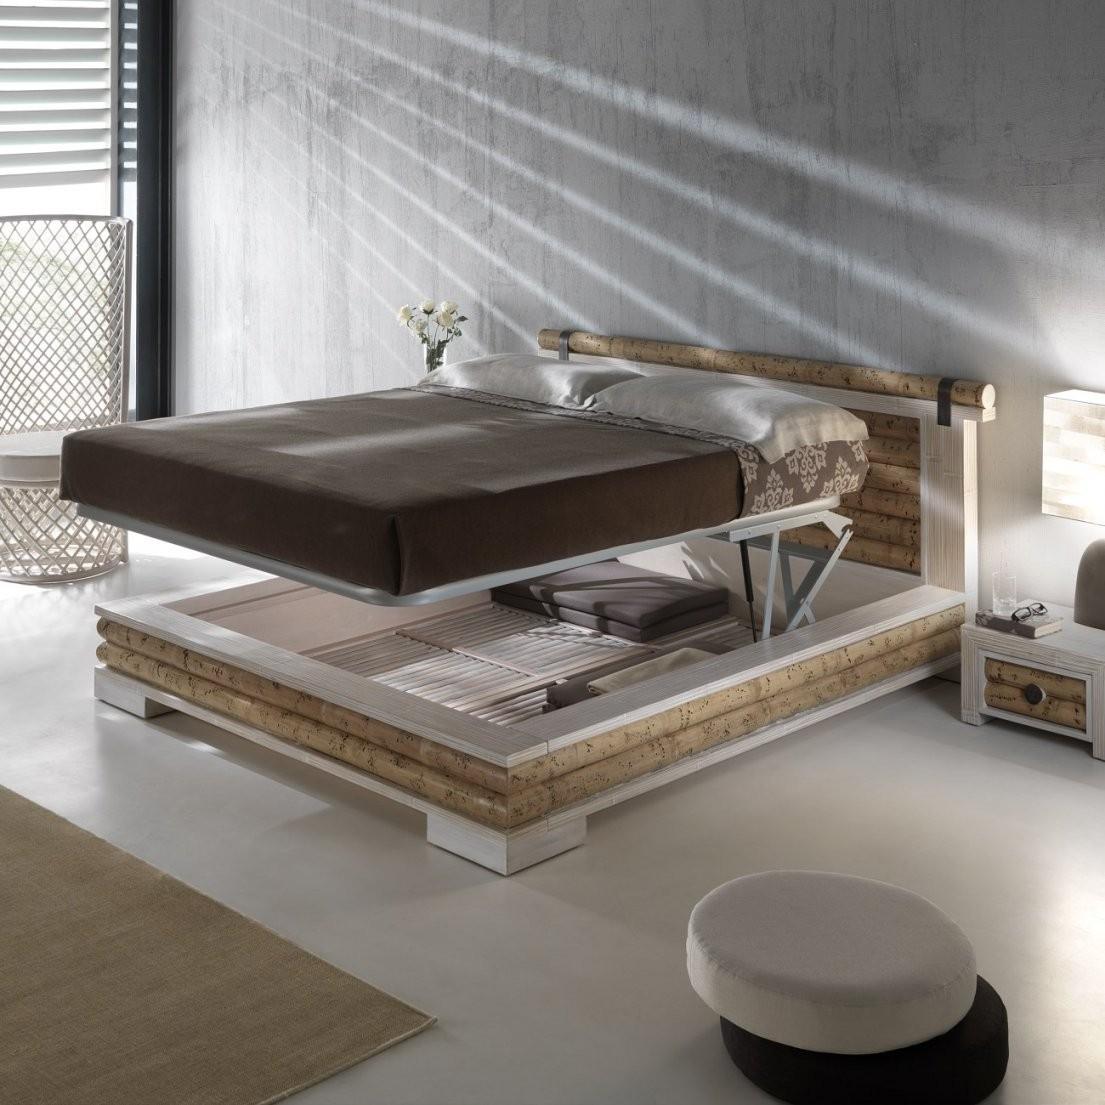 Doppelbett Mit Bettkasten 180X200 Überraschend Auf Kreative Deko von Doppelbett Mit Bettkasten 180X200 Photo